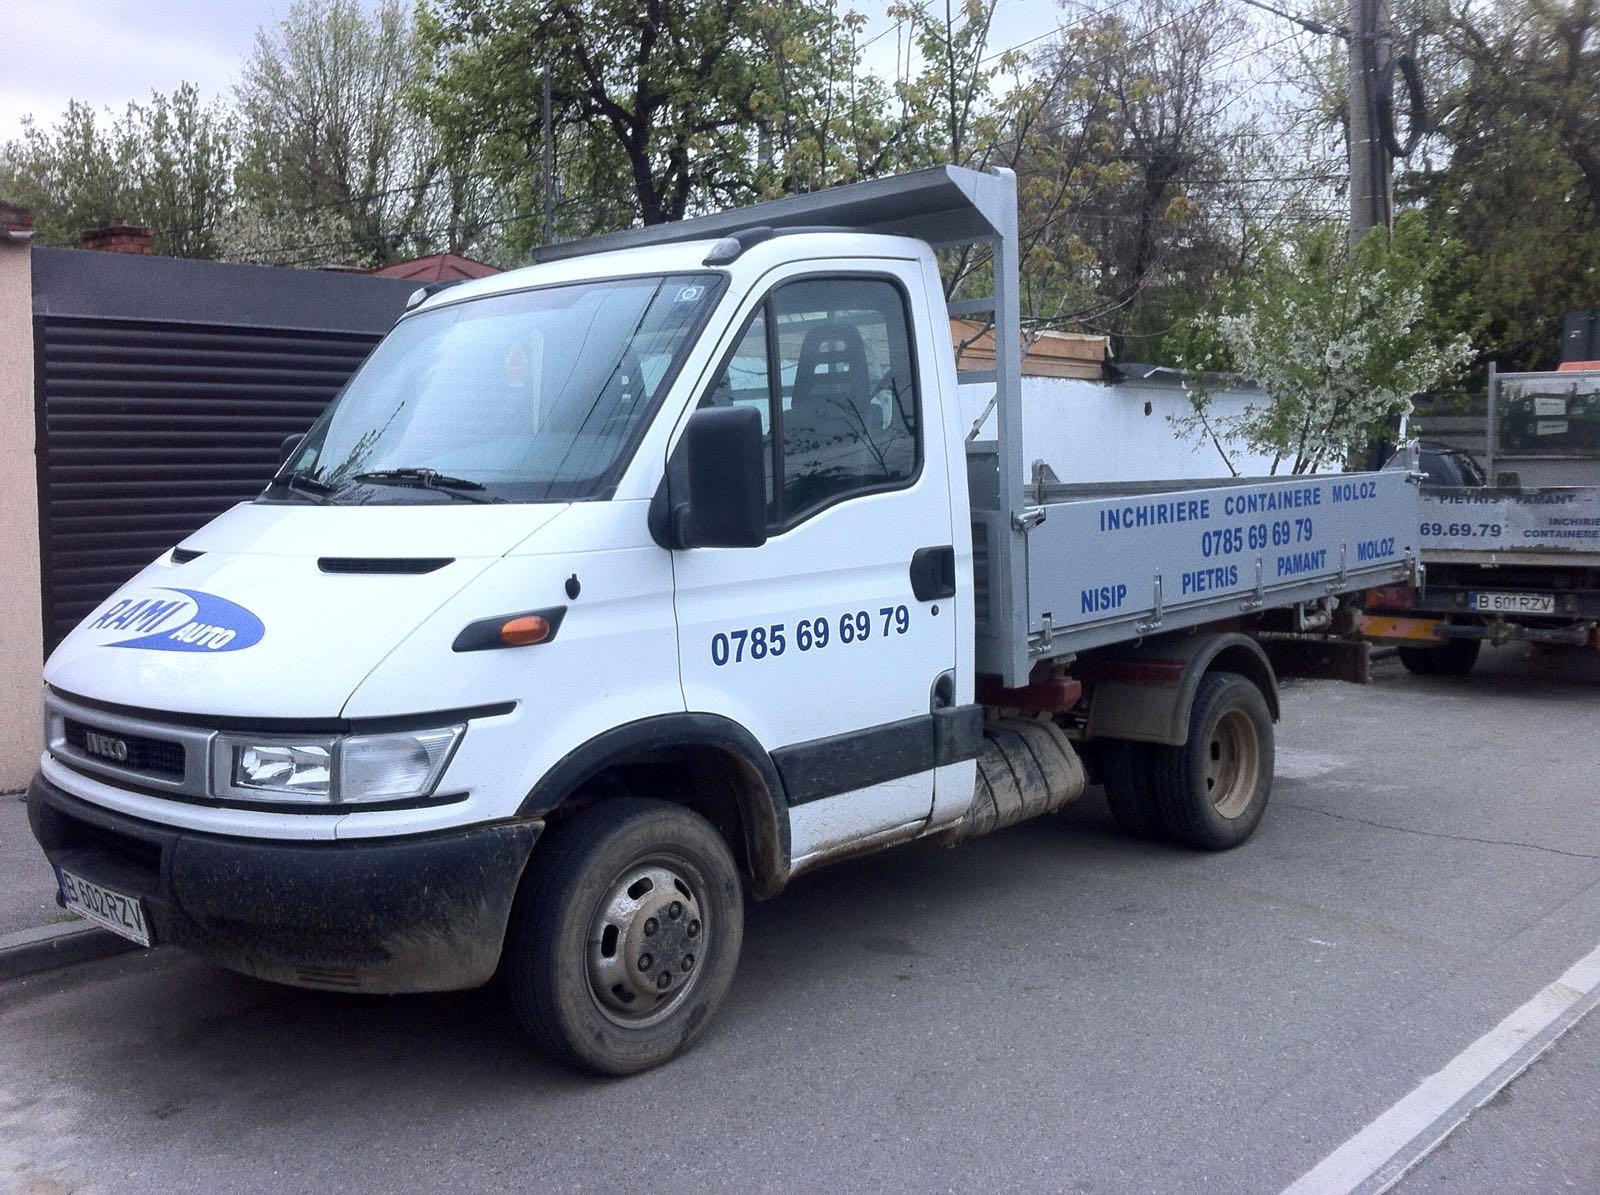 Transport nisip / pamant cu autobasculanta de 3.5 tone (3 mc de material)